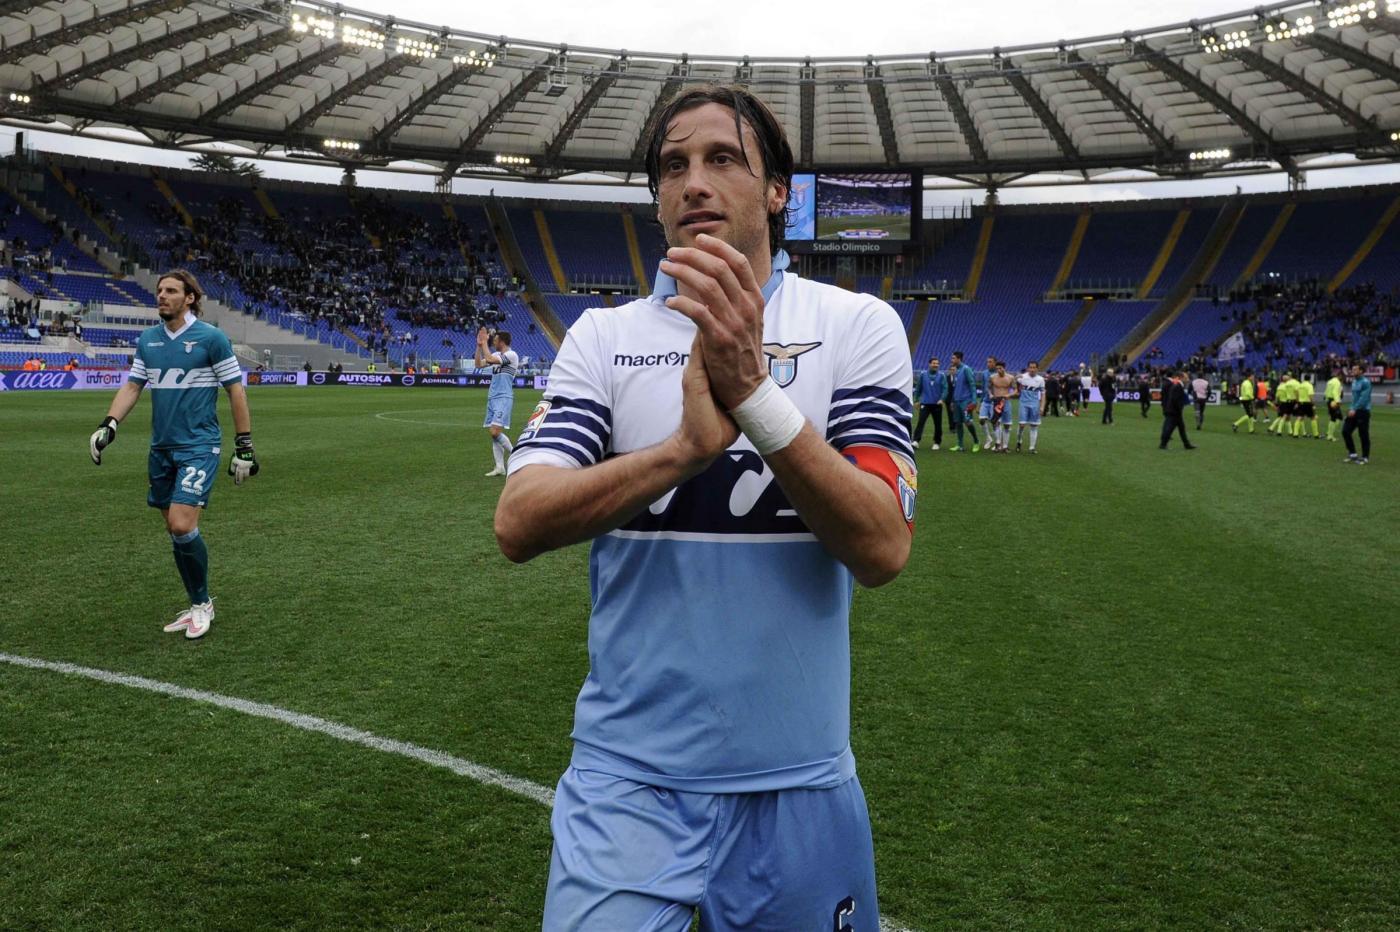 Calciomercato Lazio 2015/16: Mauri firma per un altro anno